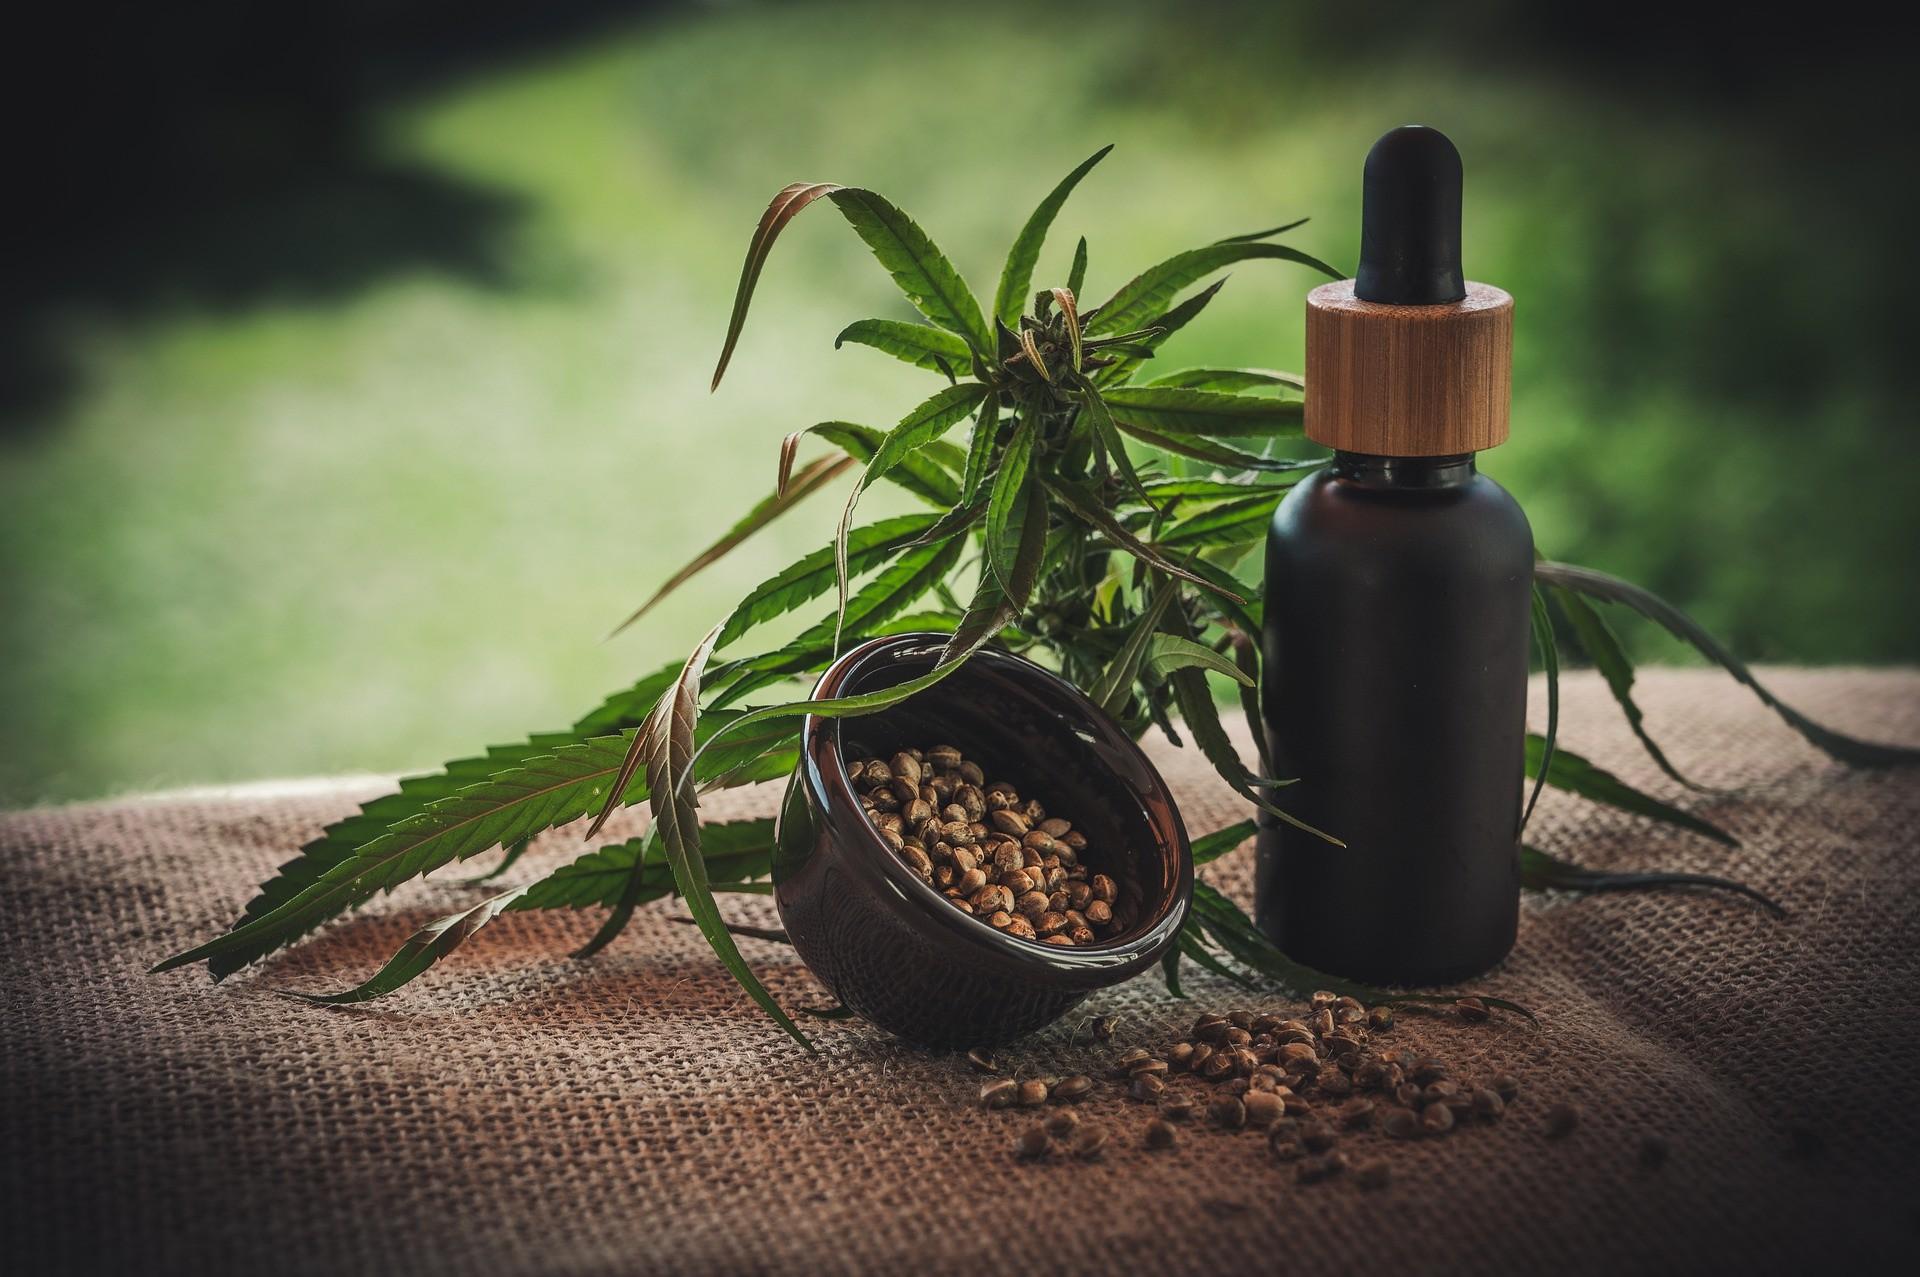 Bereits im Altertum war die Hanfpflanze geschätzt und heute erlebt das Naturprodukt wieder geradezu einen Höhenflug.